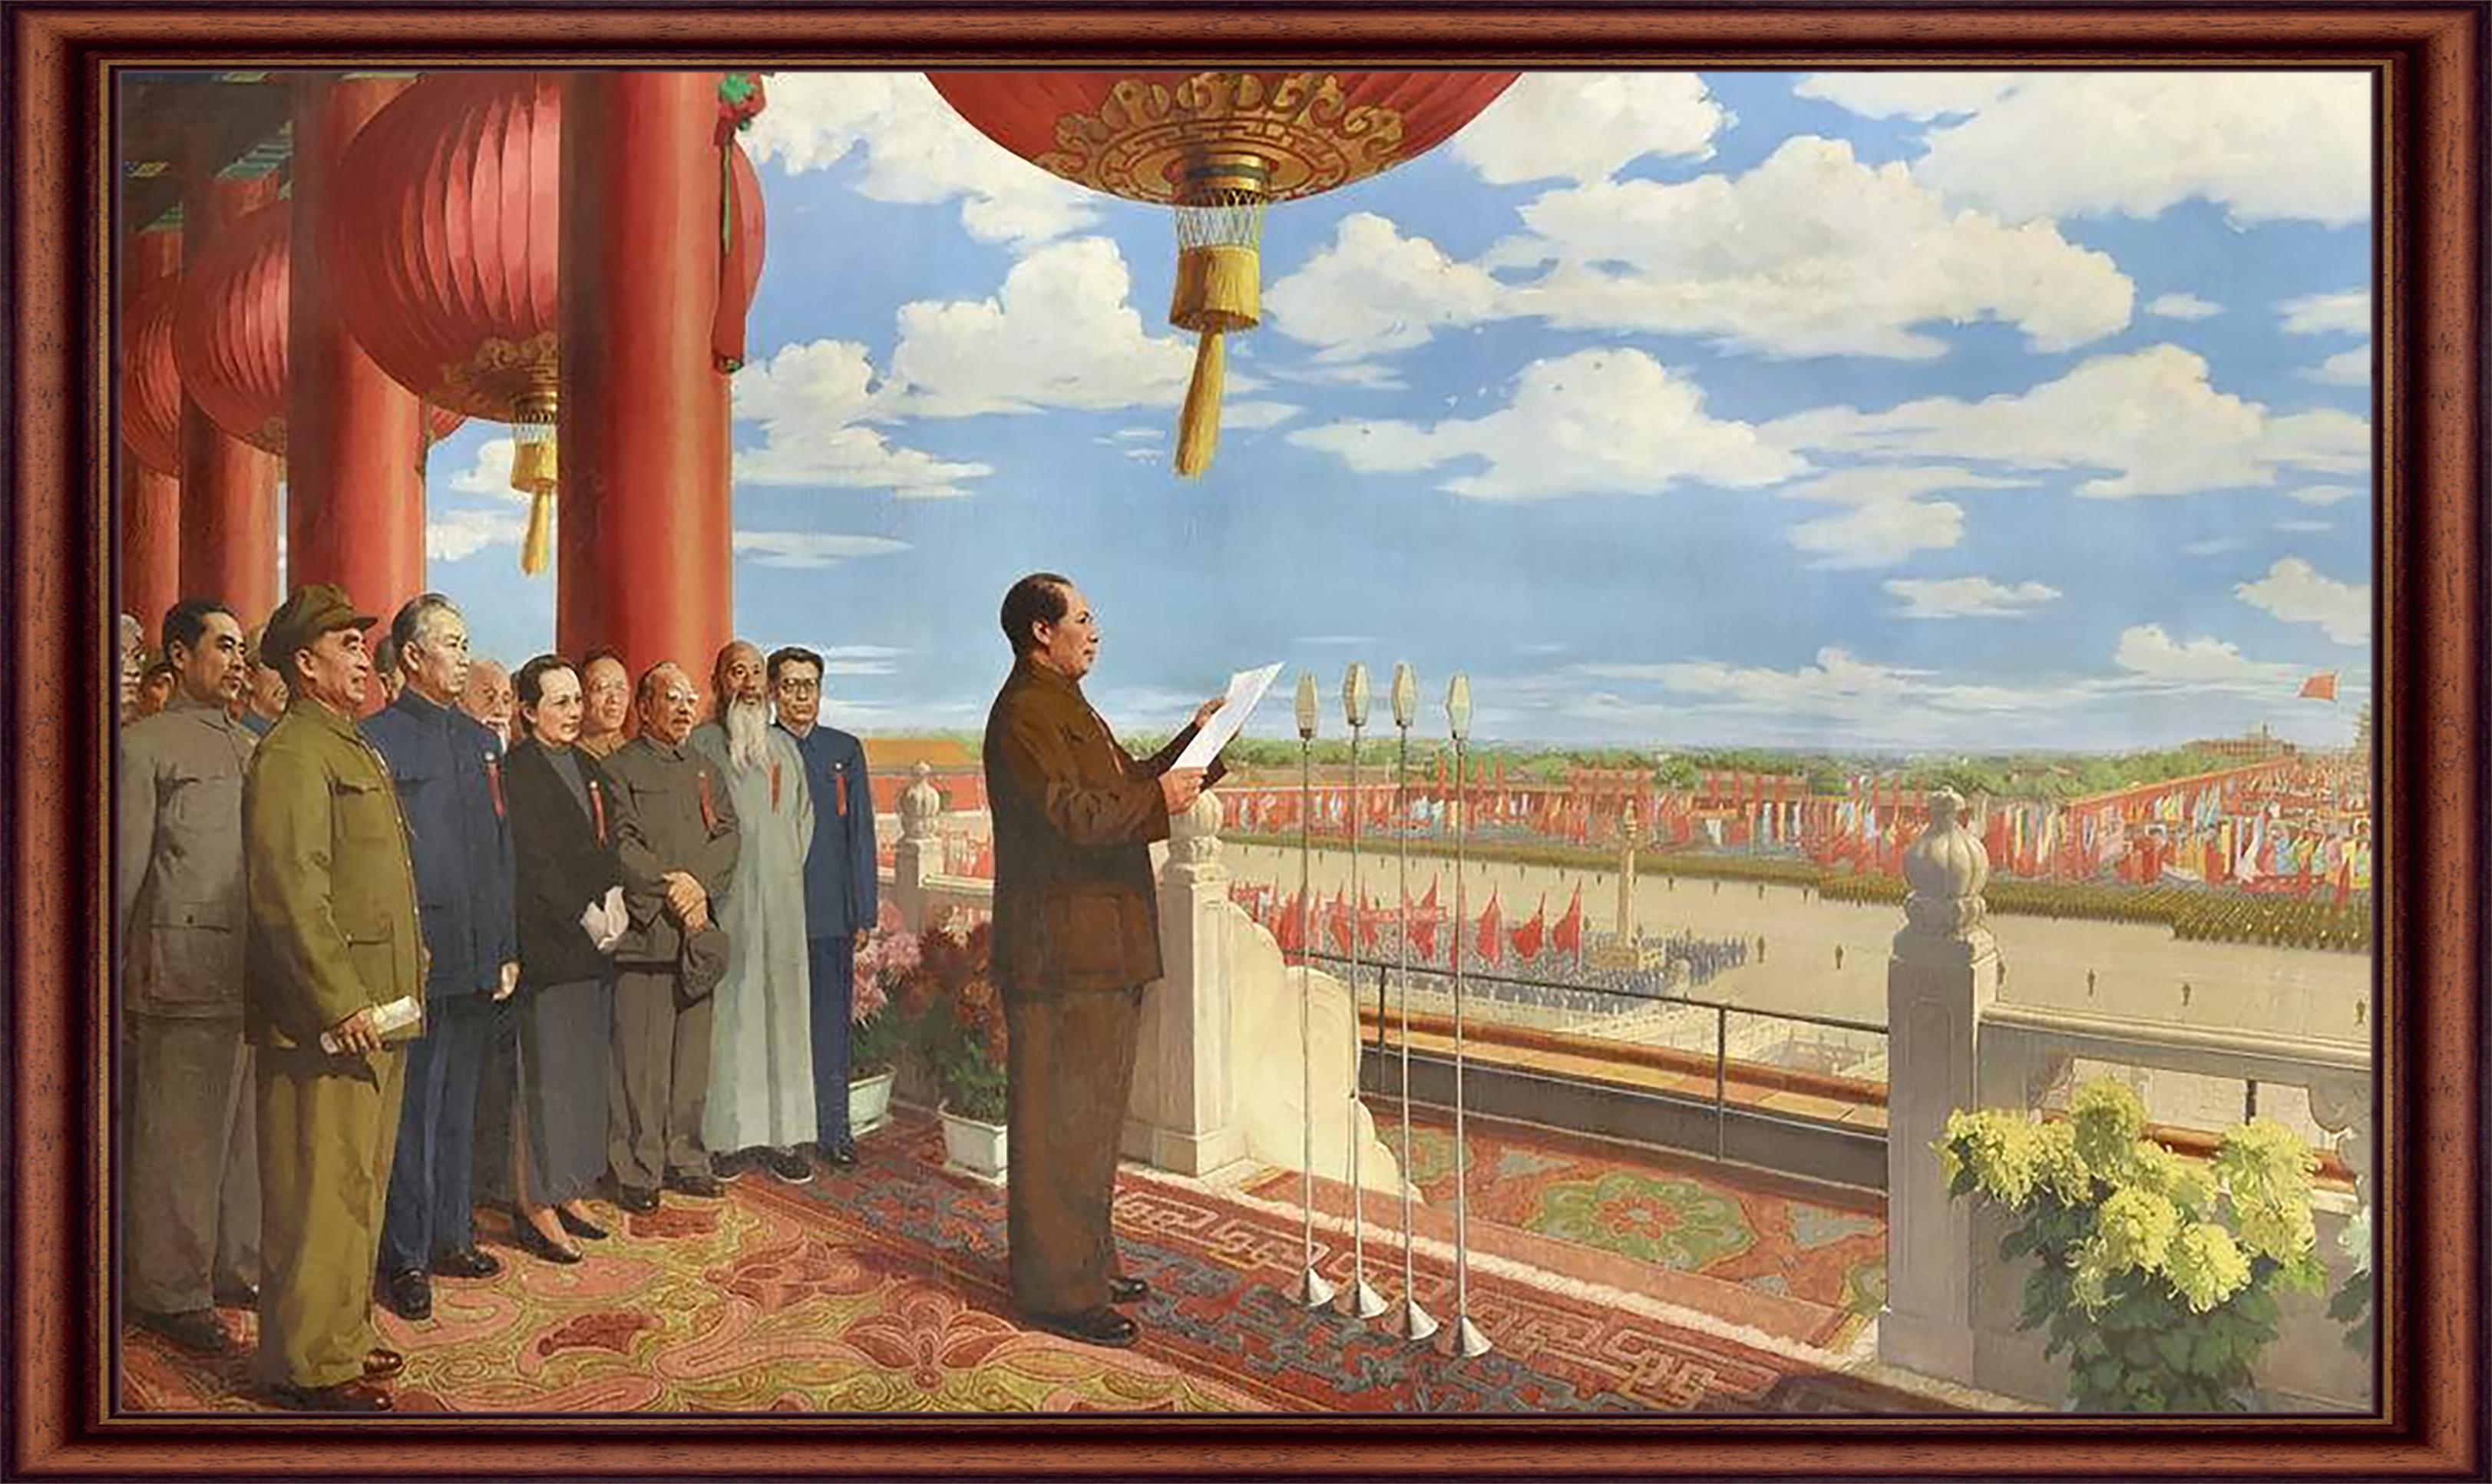 董希文 《开国大典》 油画  1953年